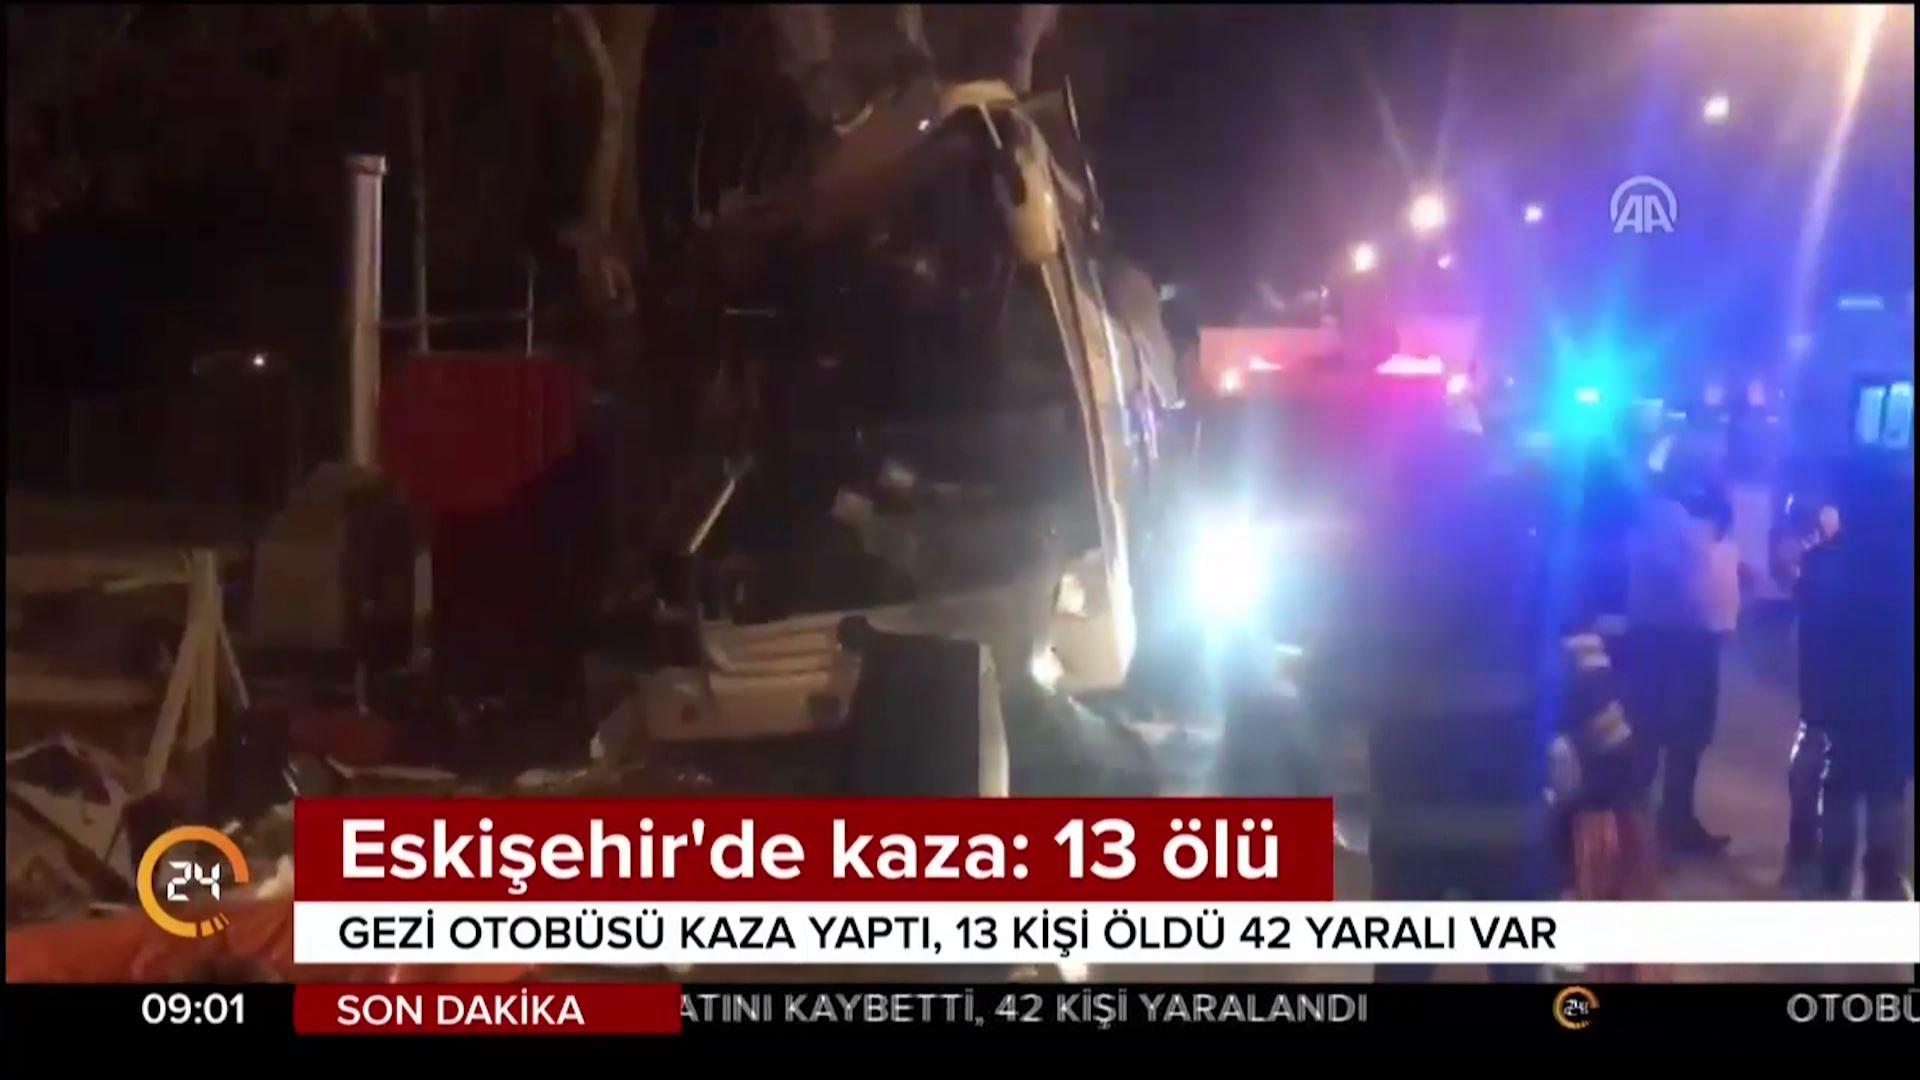 ავარიას თურქეთში მსხვერპლი მოჰყვა